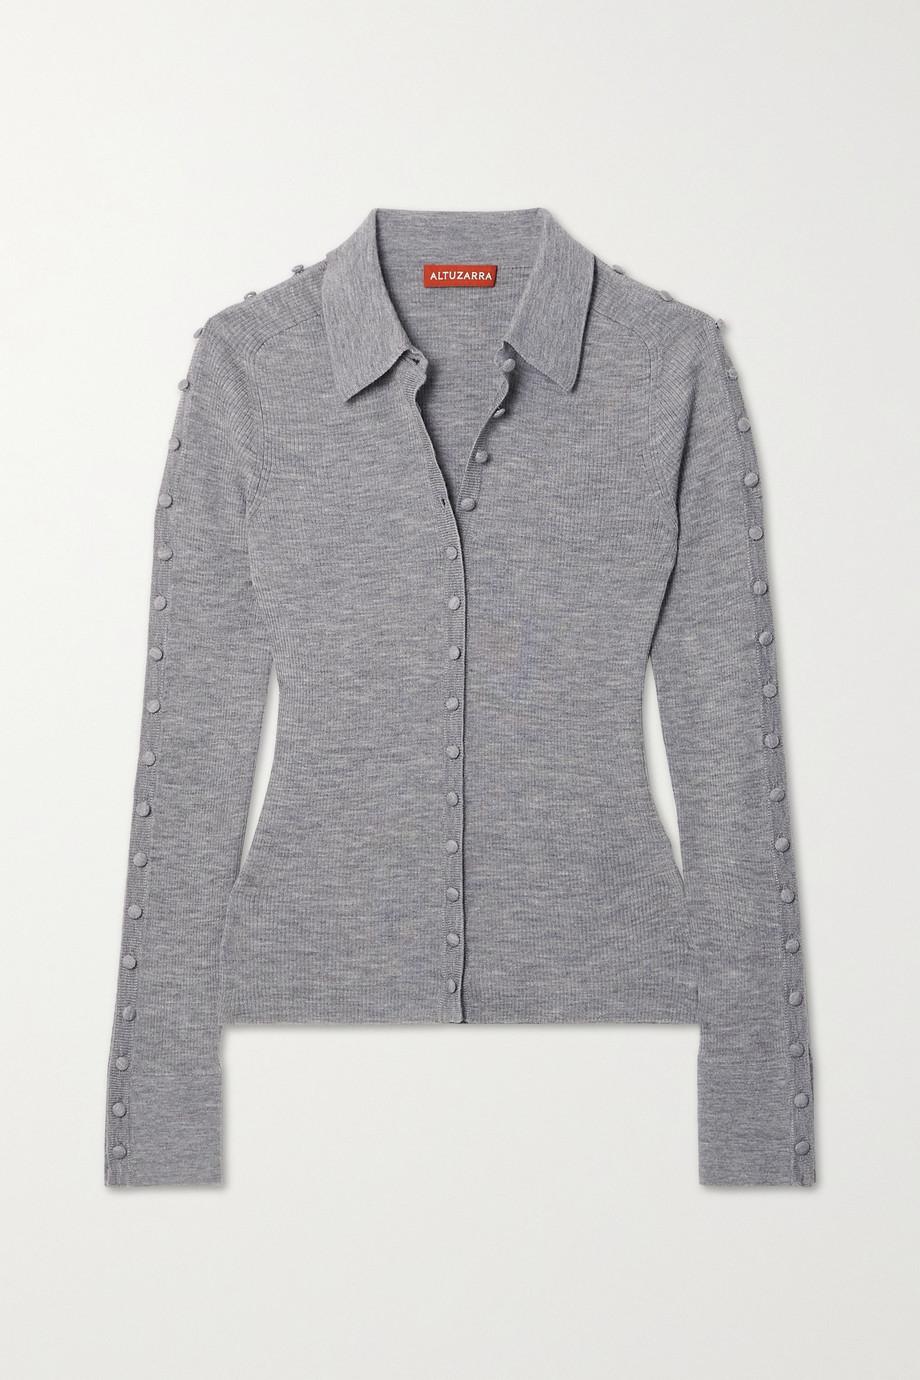 Altuzarra Hill button-embellished ribbed wool-blend cardigan